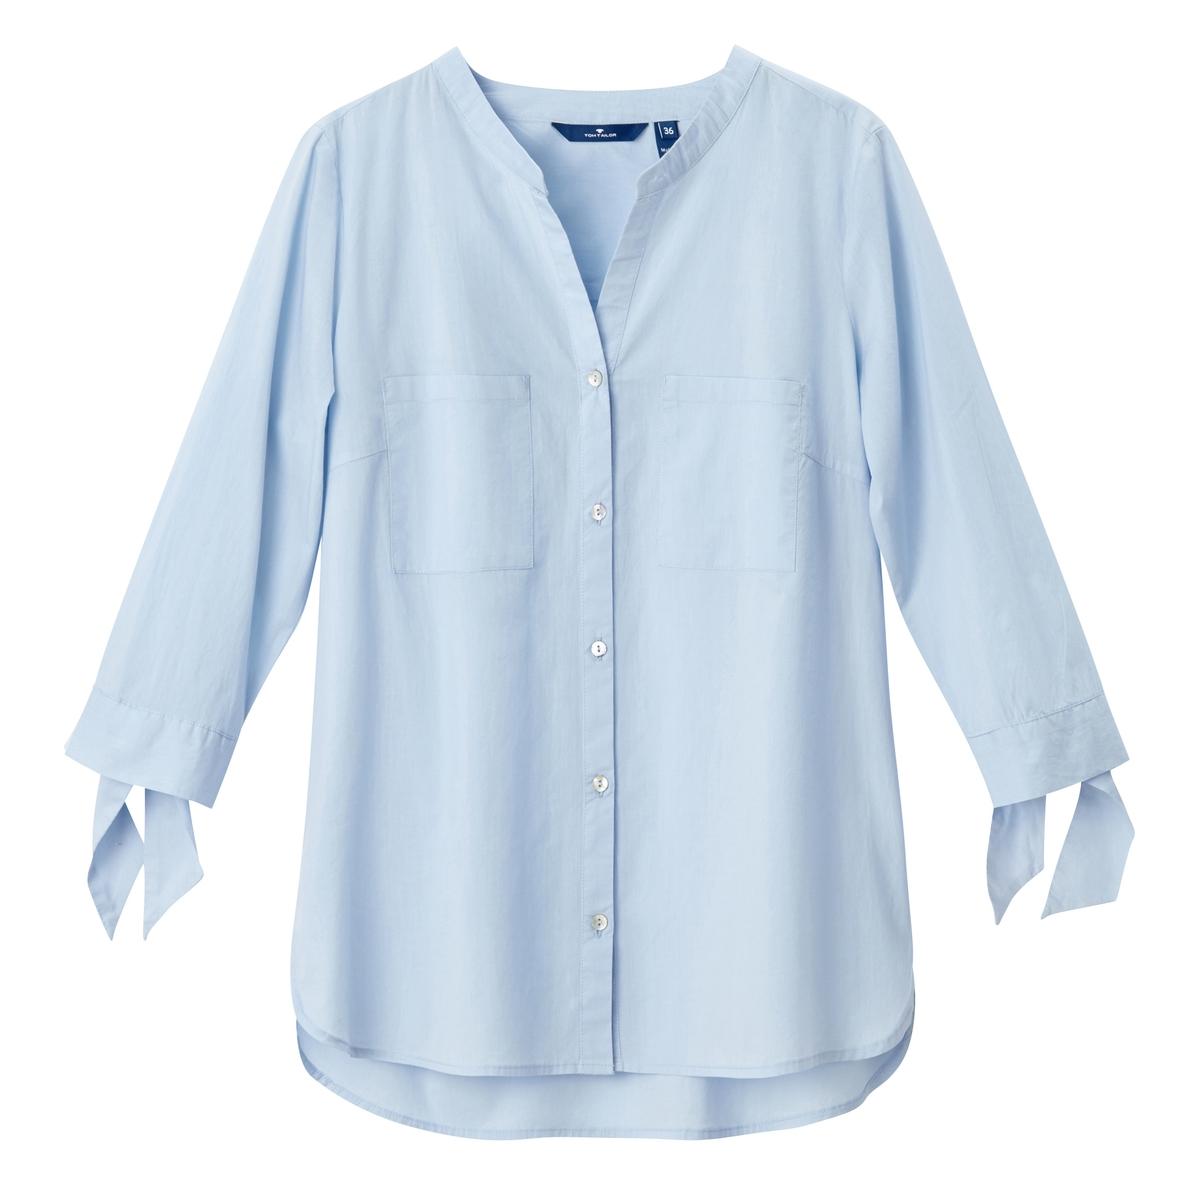 Рубашка с тунисским воротом, рукава 3/4Материал : 100% хлопок  Покрой : прямой Длина рукава : Рукава 3/4 Форма воротника : круглый вырез с разрезом спереди Длина блузки : стандартная Покрой : прямой Рисунок : однотонная модель<br><br>Цвет: голубой<br>Размер: 40 (FR) - 46 (RUS)